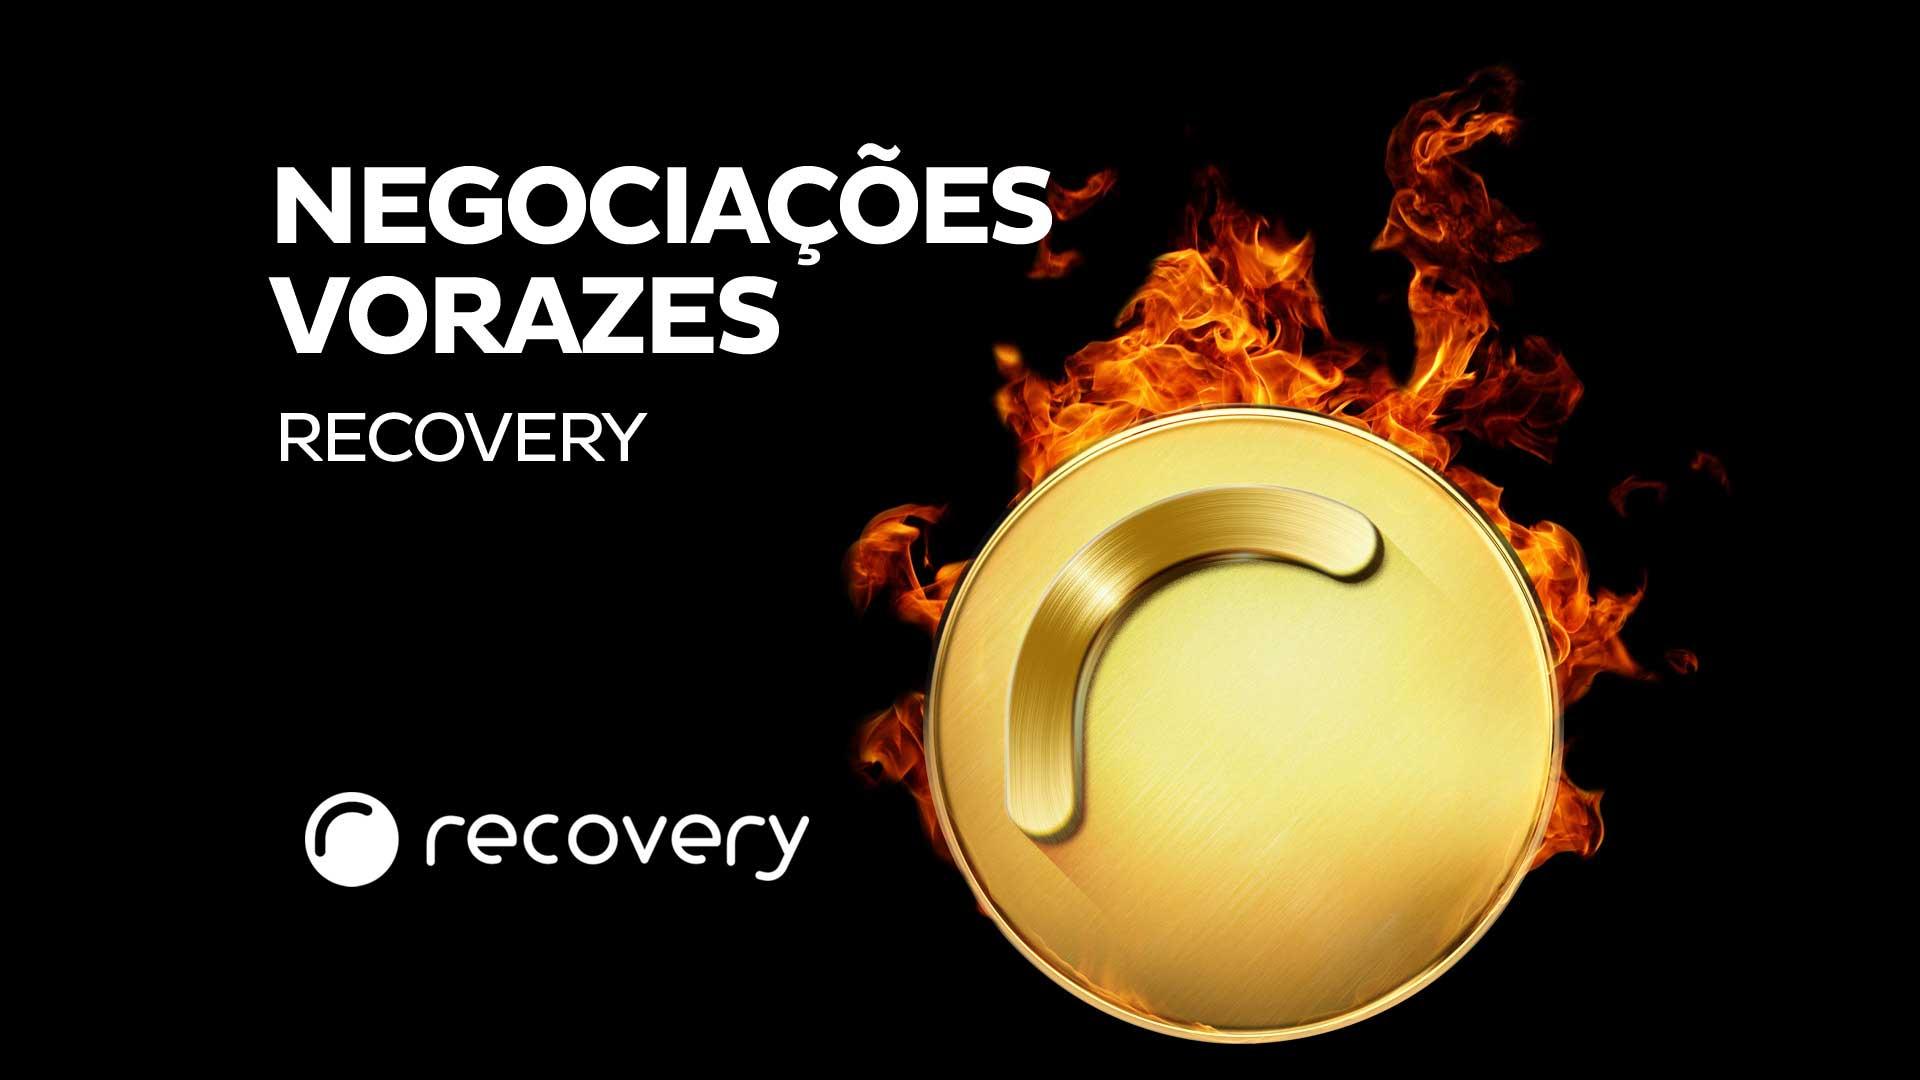 Case Recovery: Negociações Vorazes